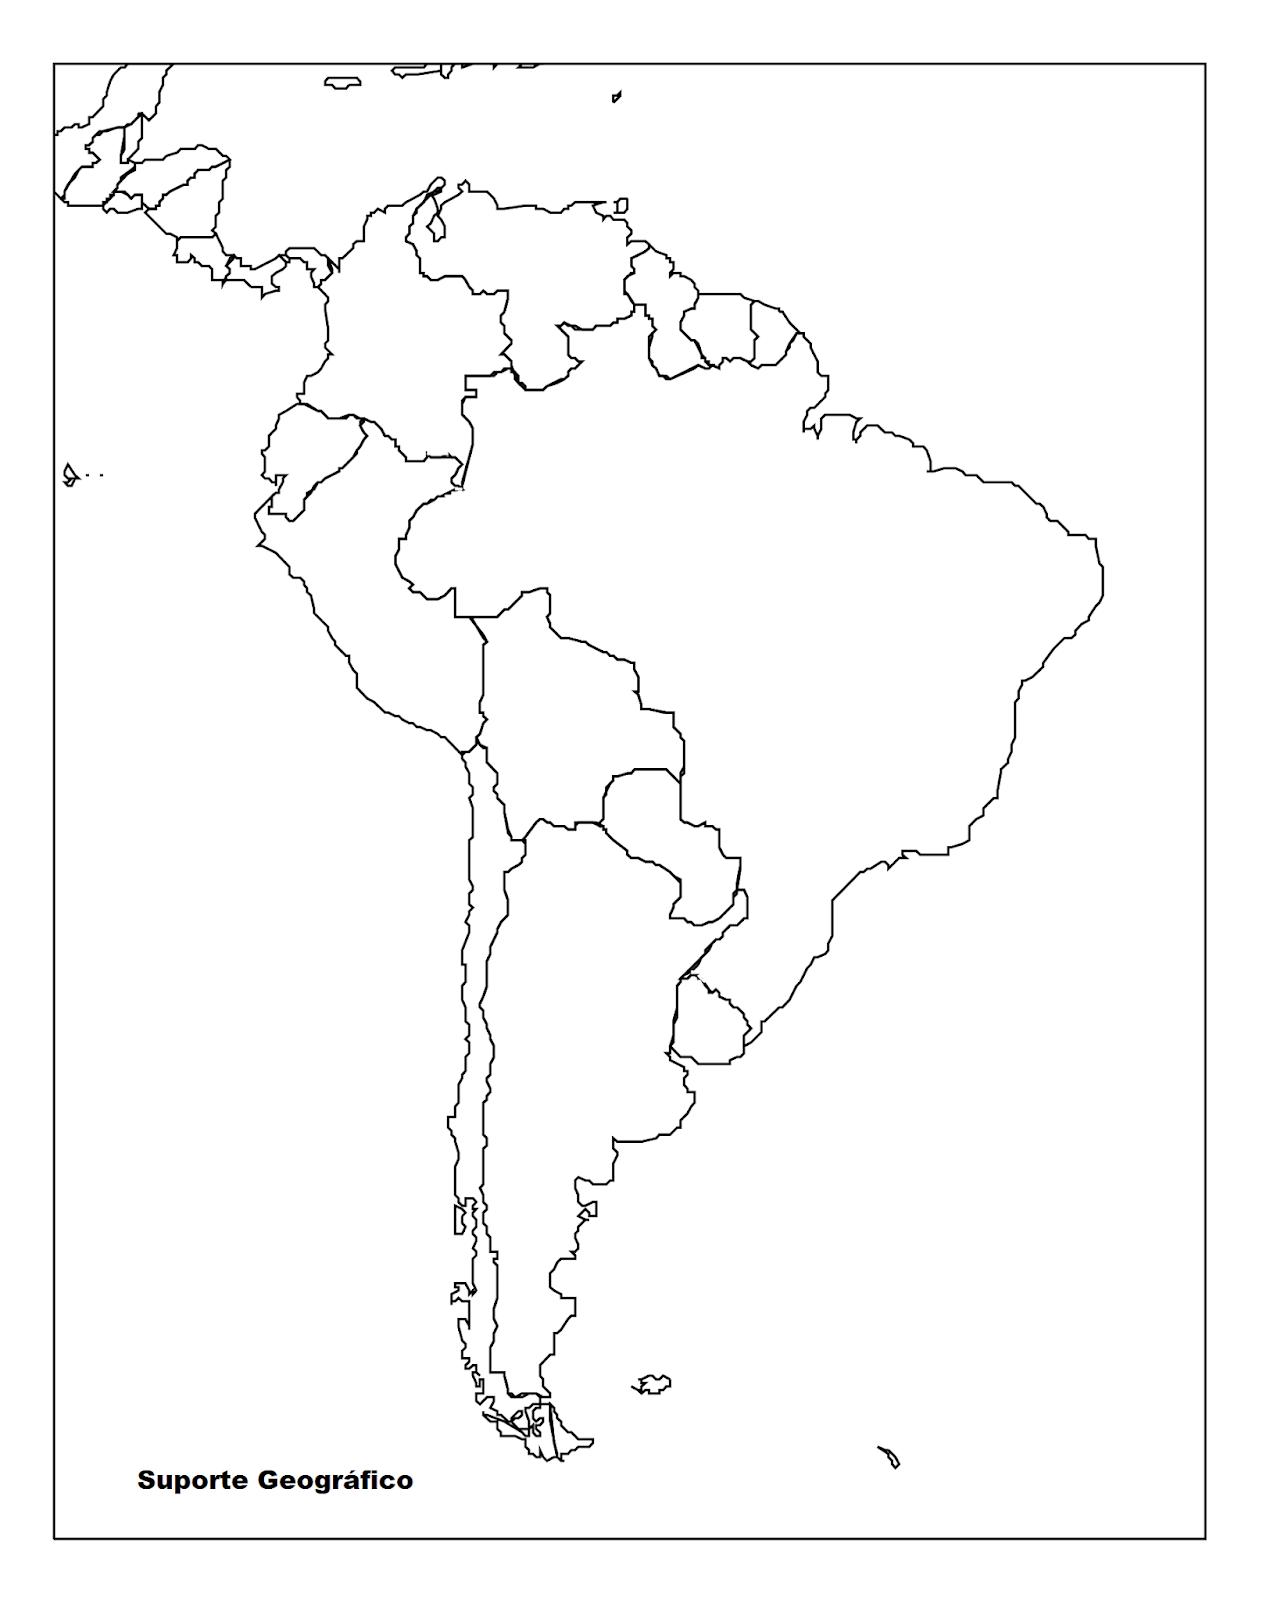 Mapa Mudo De America.Mapa Mudo America Do Sul Suporte Geografico